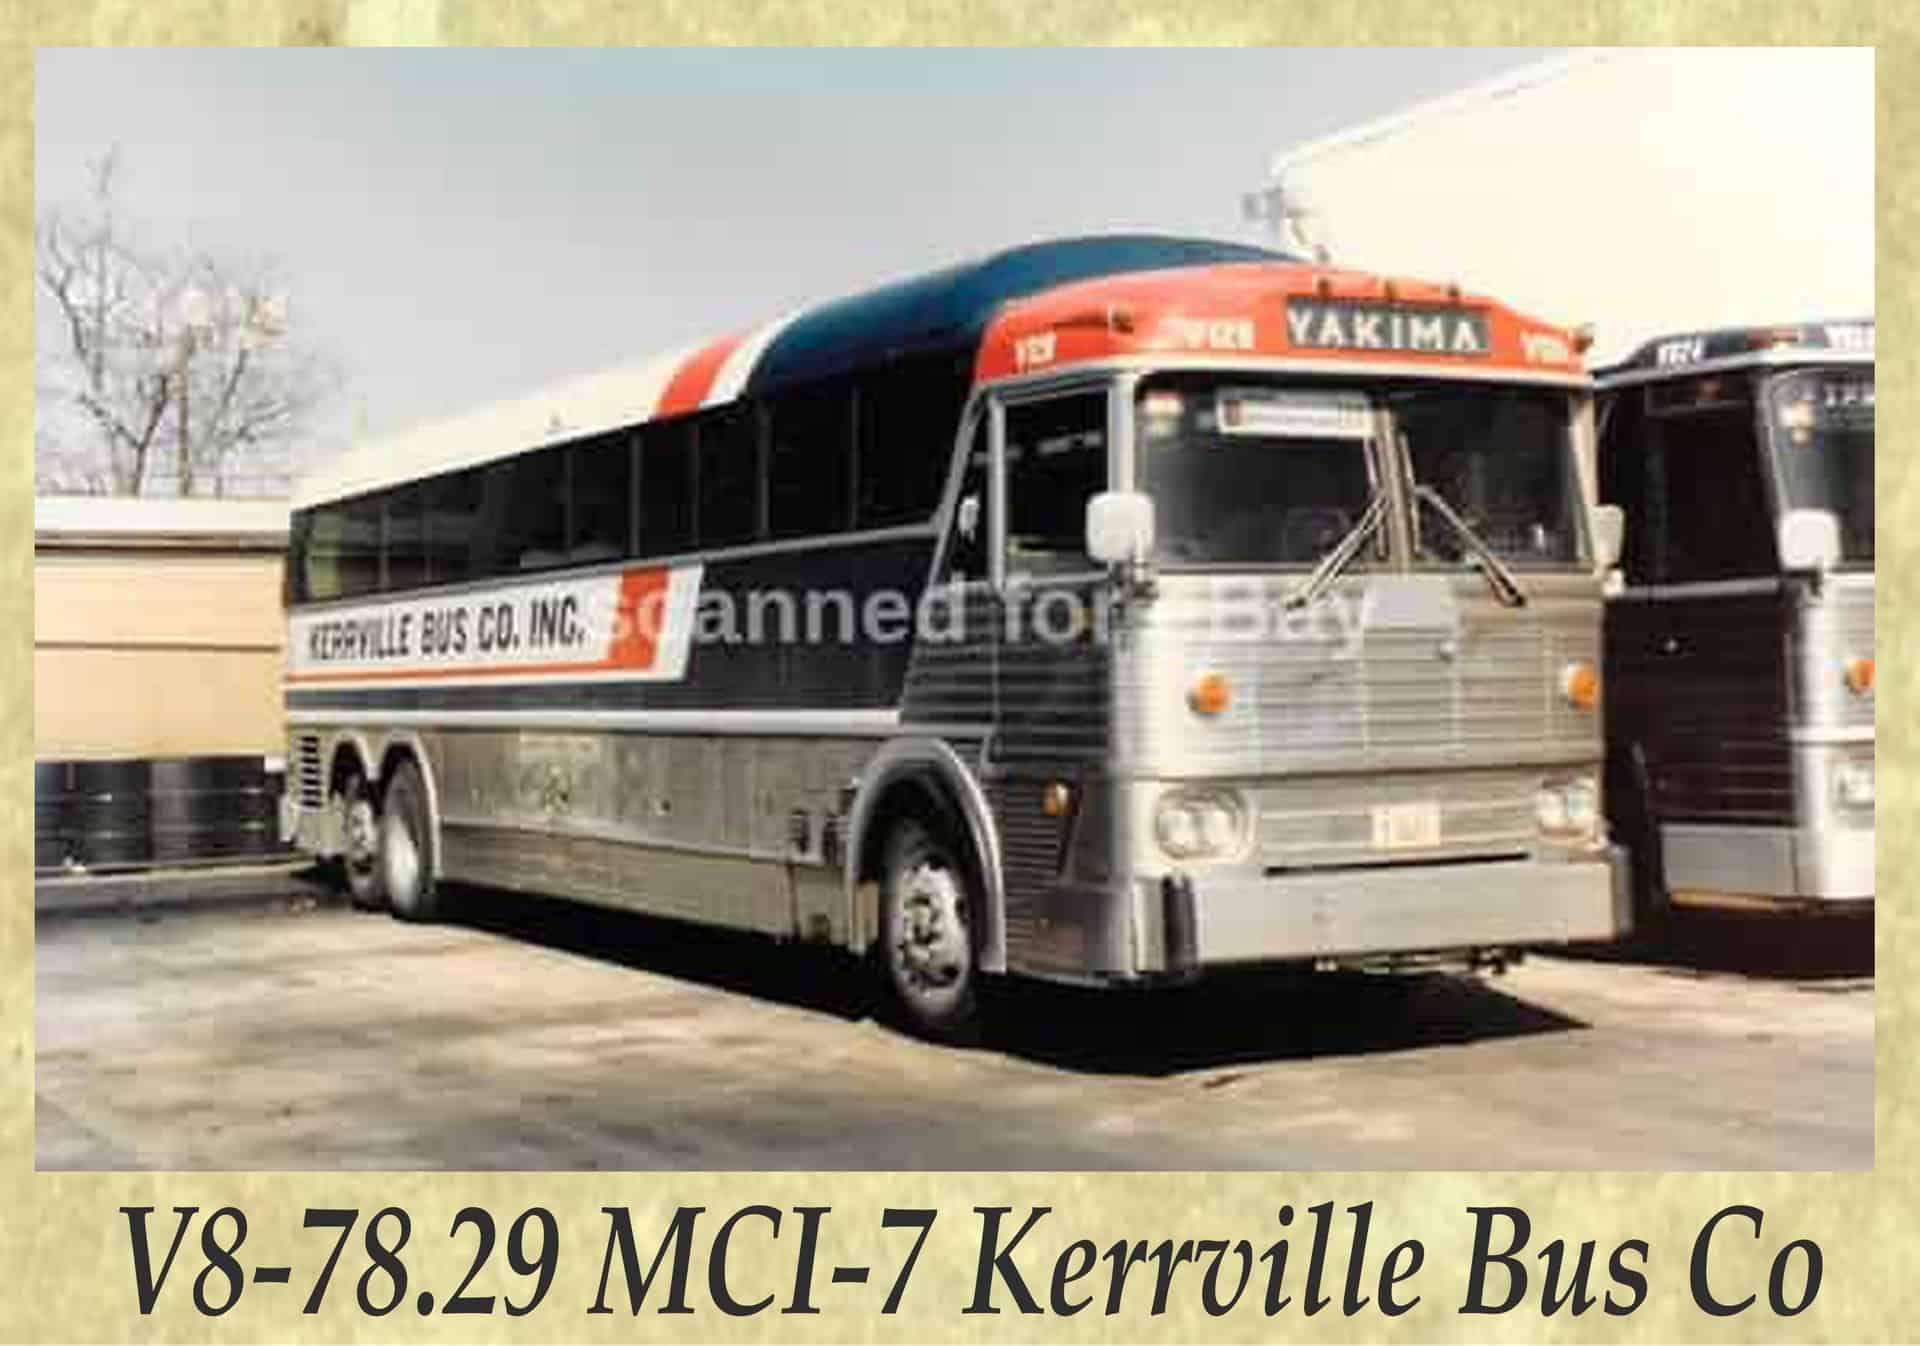 V8-78.29 MCI-7 Kerrville Bus Co